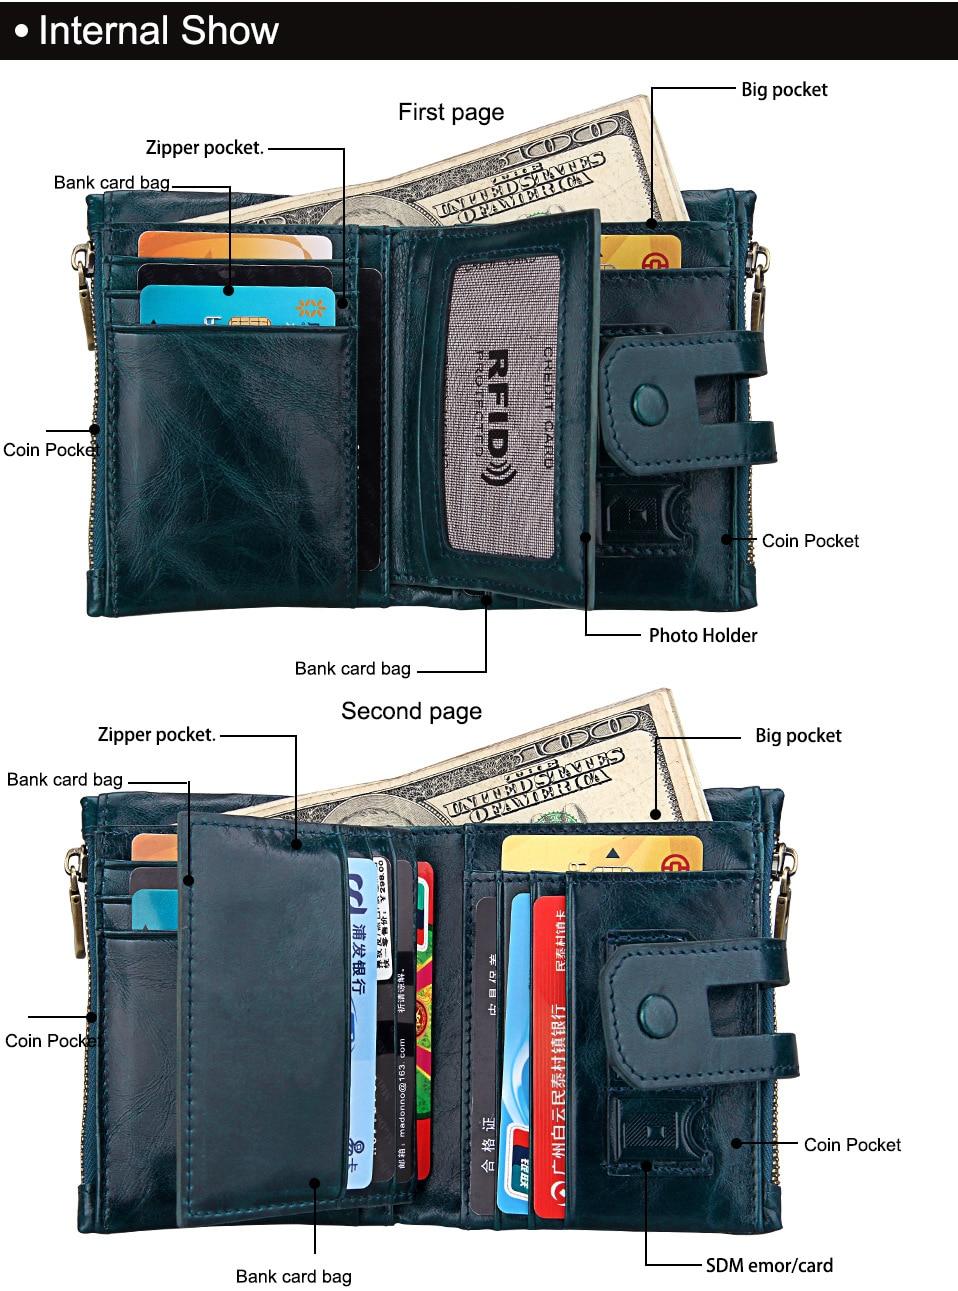 держатель кредитной карты ; женщины портмоне ; держатель кредитной карты ;